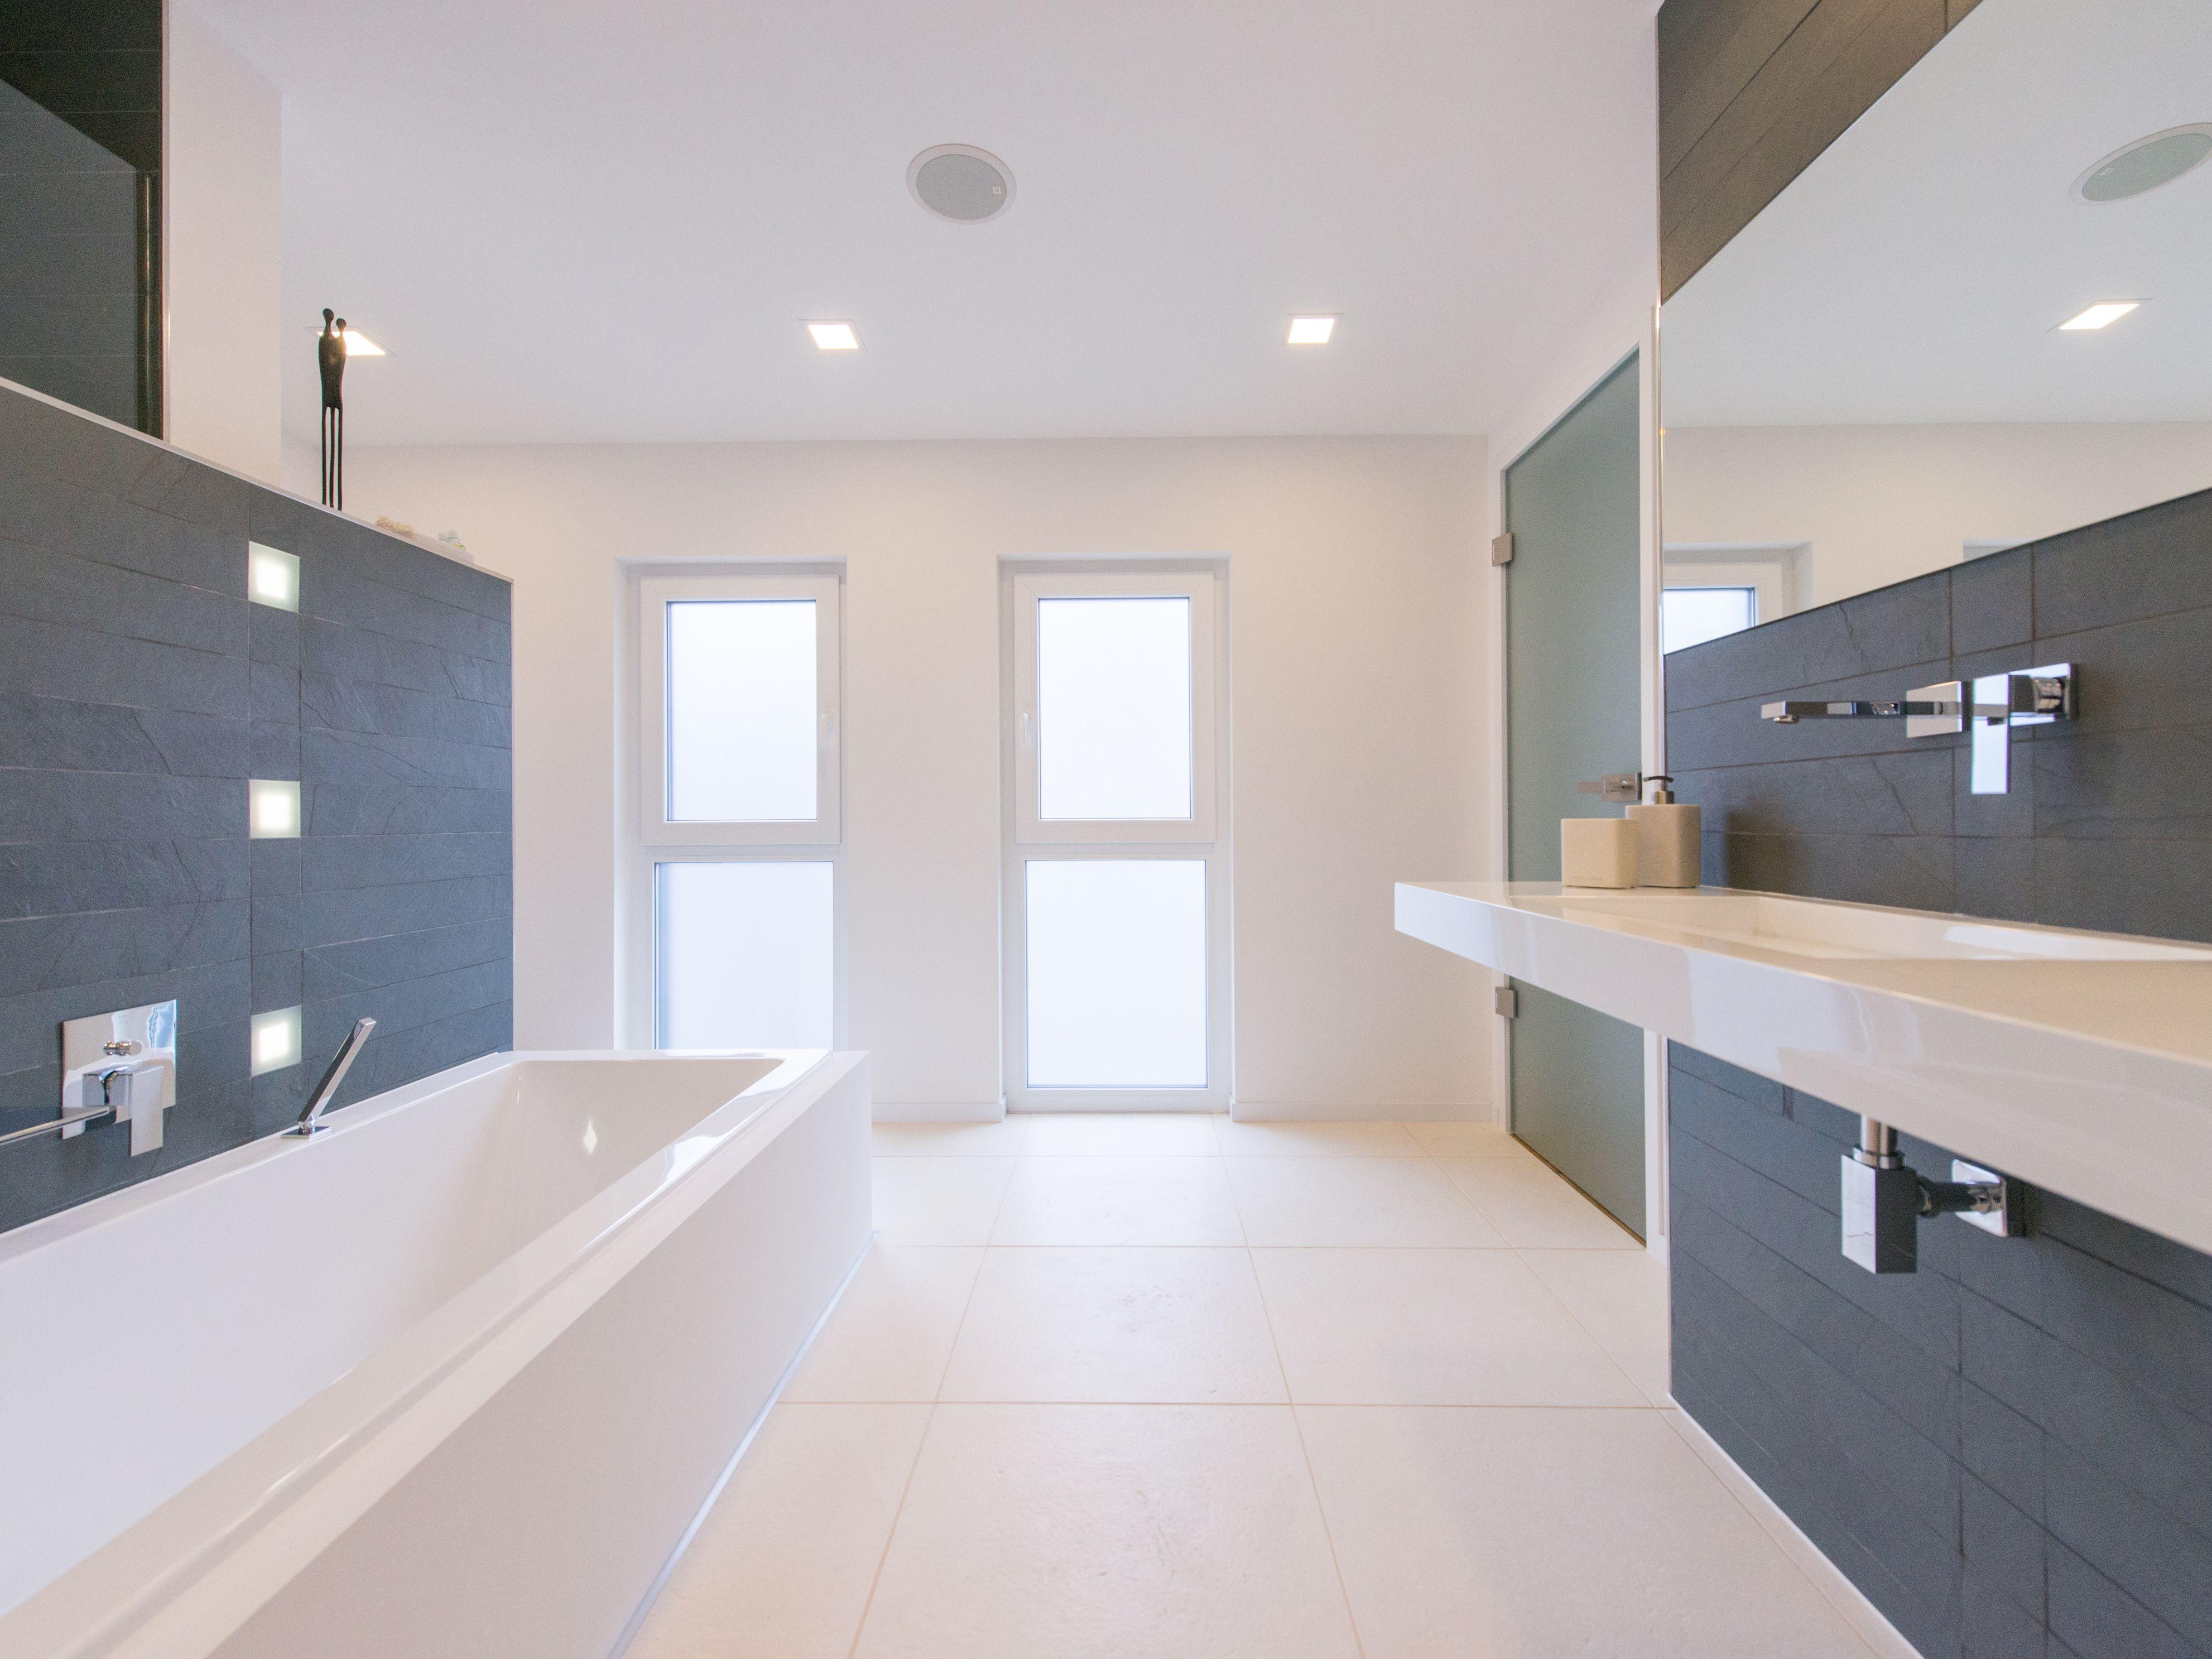 Epic Der helle Boden unterstreicht das einladende Ambiente des lichtdurchfluteten Badezimmers u jonastone